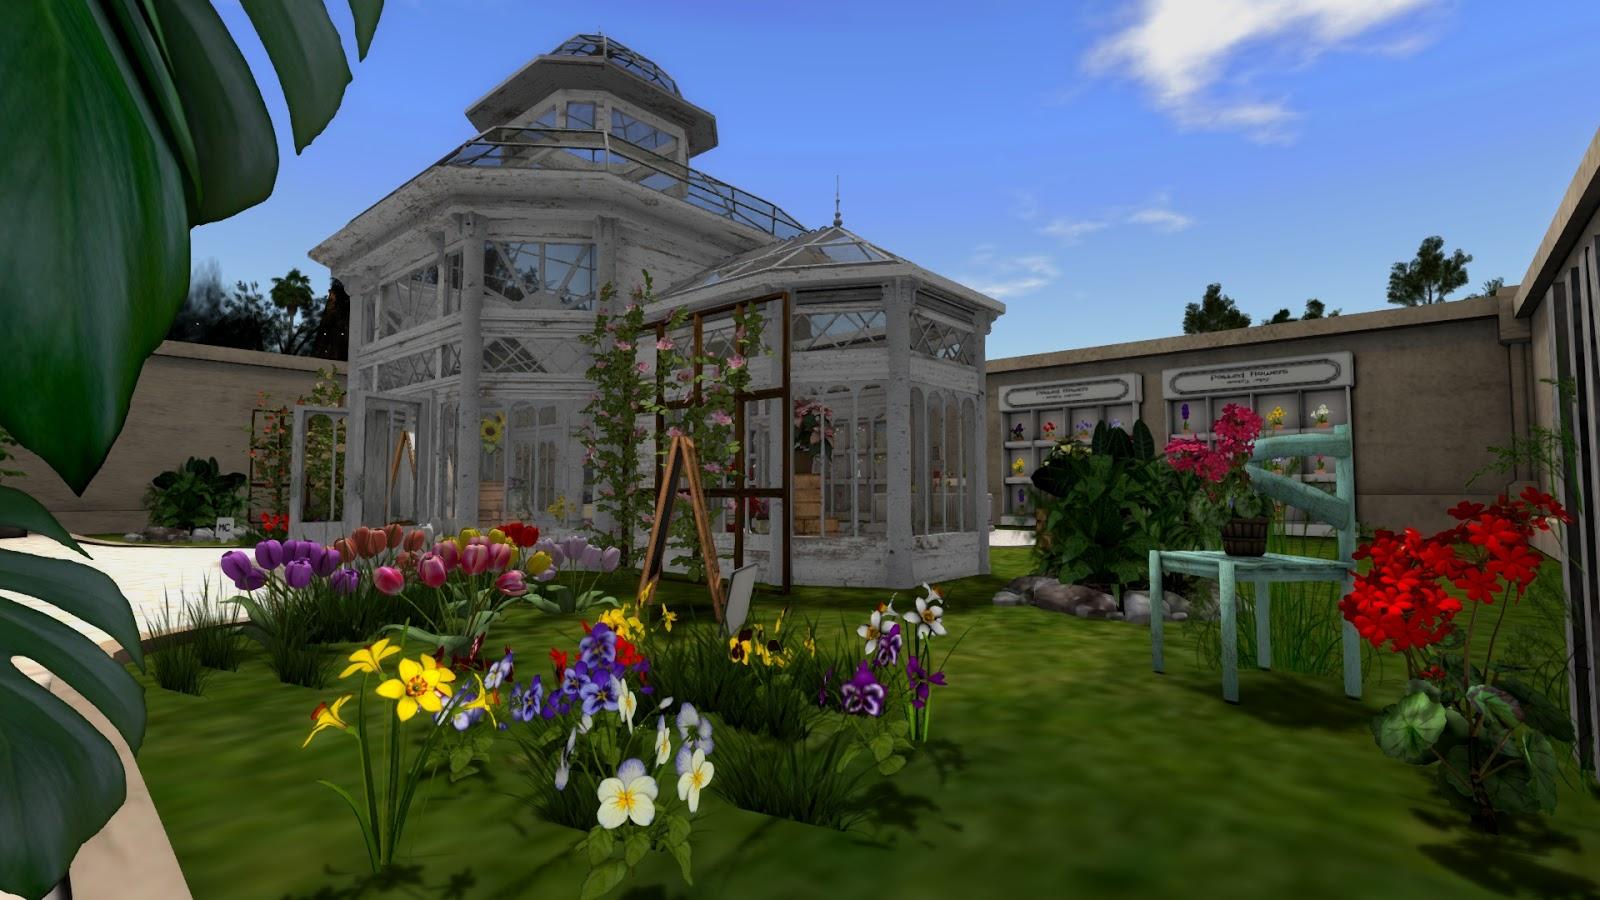 Echt Virtuell Ein Paar Fotos Von Der Home Garden Expo 2017